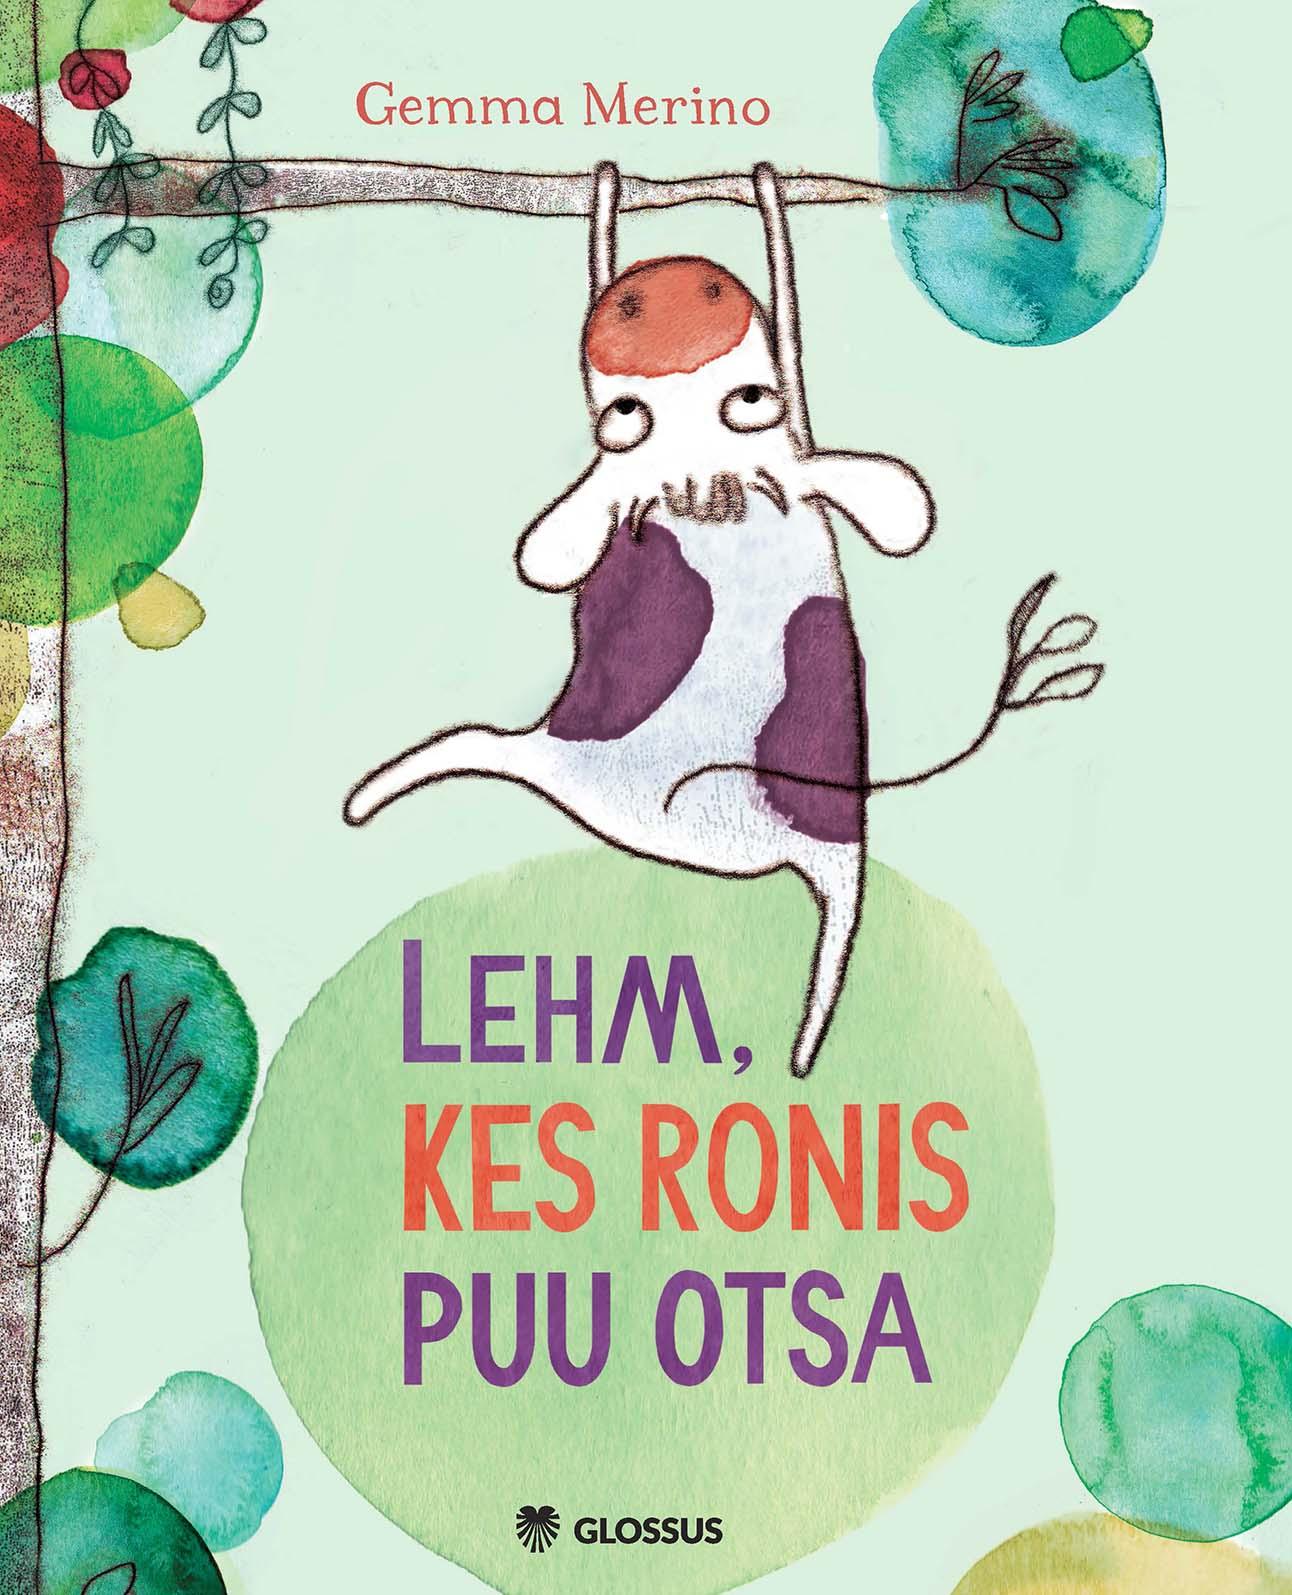 Lehm, kes ronis puu otsa. Tekst ja illustratsioonid Gemma Merino. Küljendus Grafilius OÜ. Kirjastus Glossus 2017